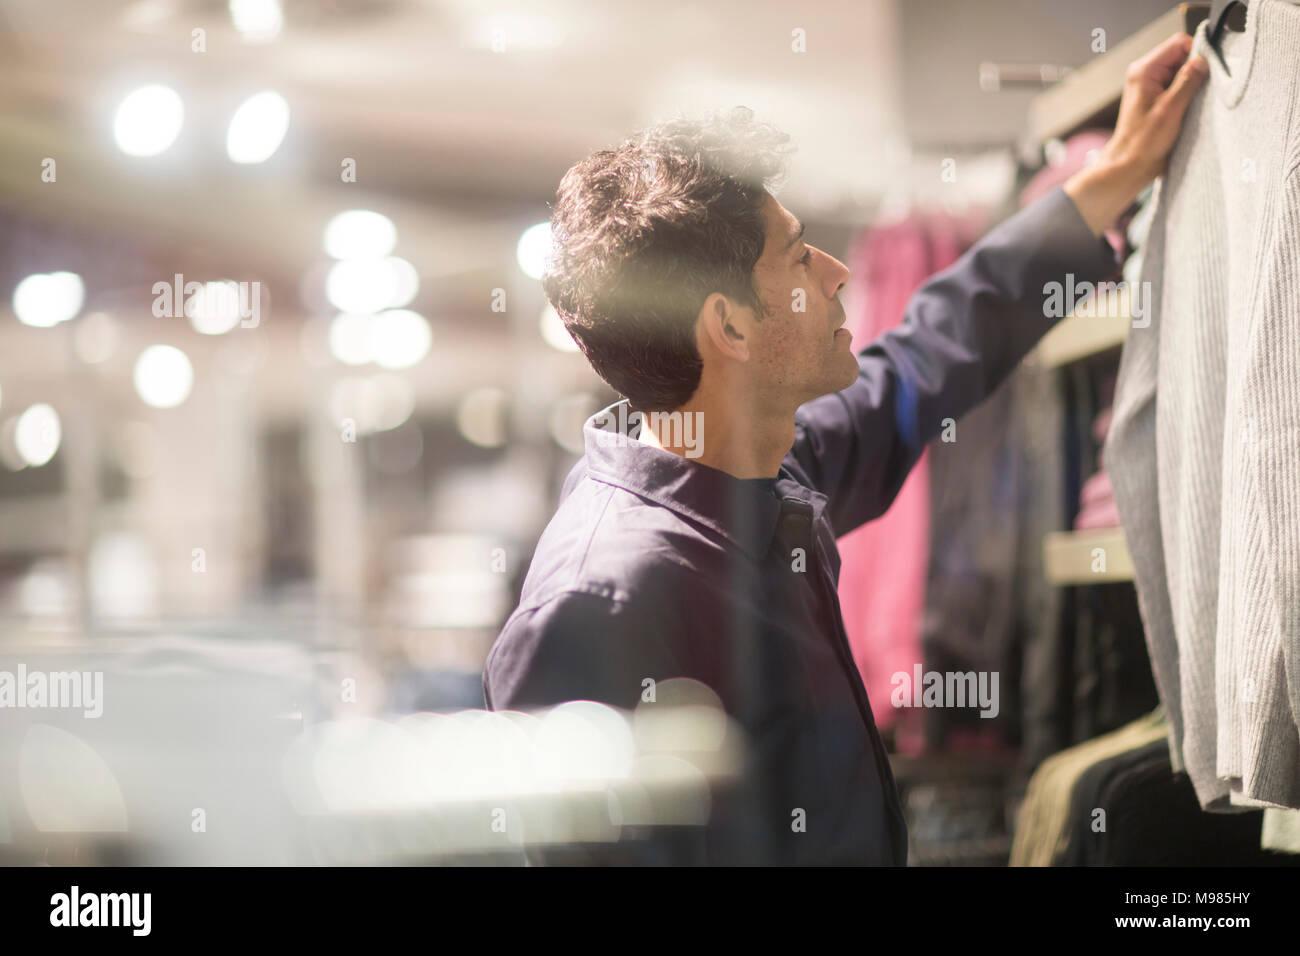 El hombre elige la ropa en la tienda Imagen De Stock